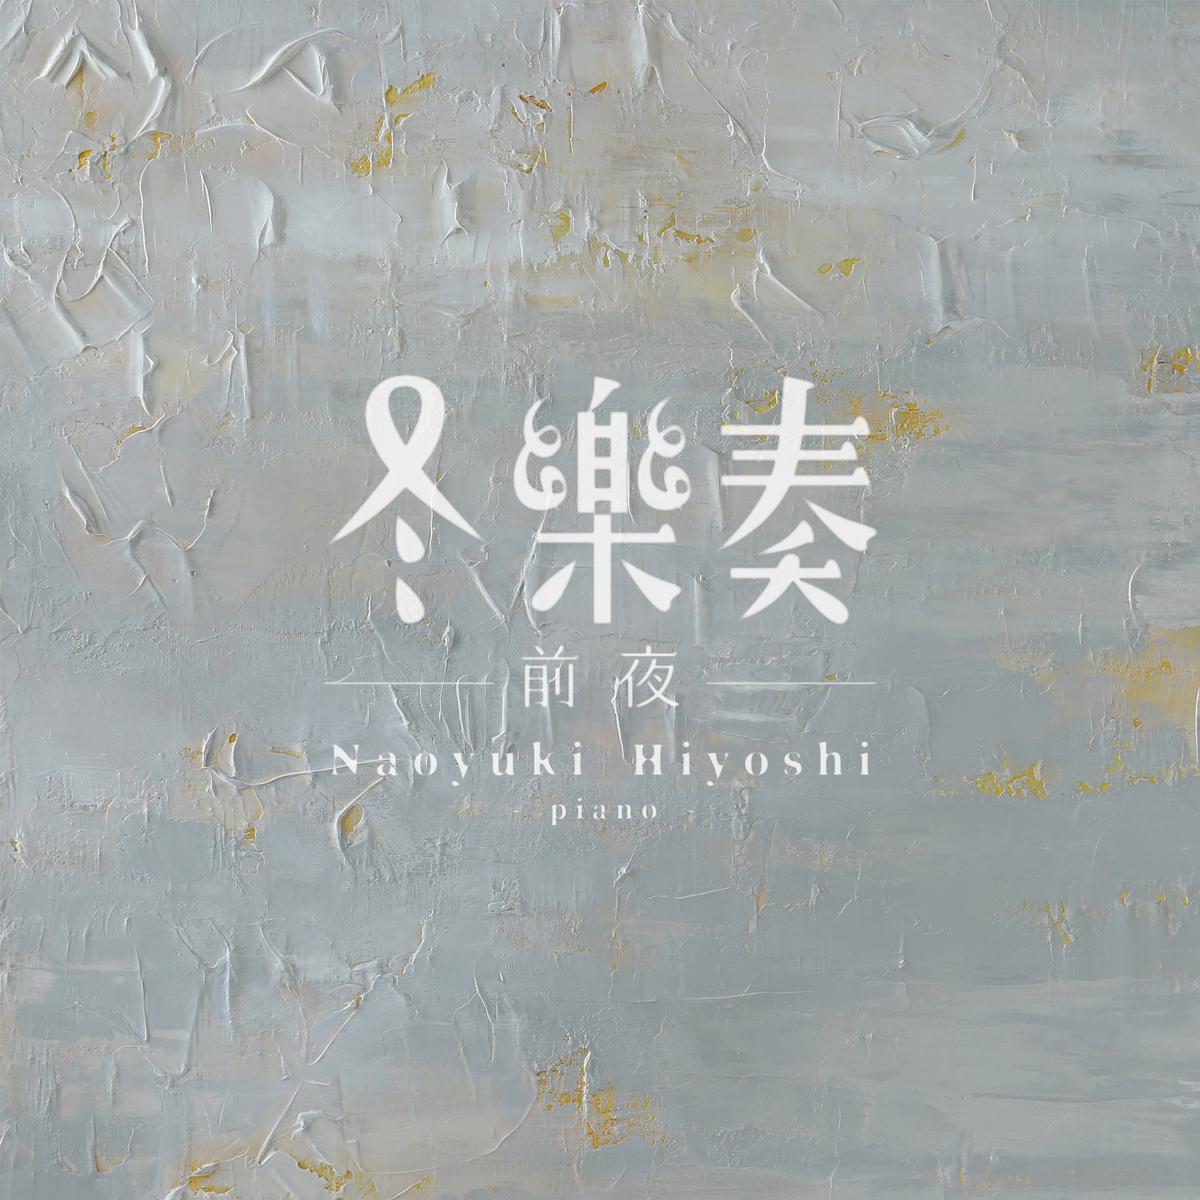 f:id:naoyuki0730:20210124213209j:plain